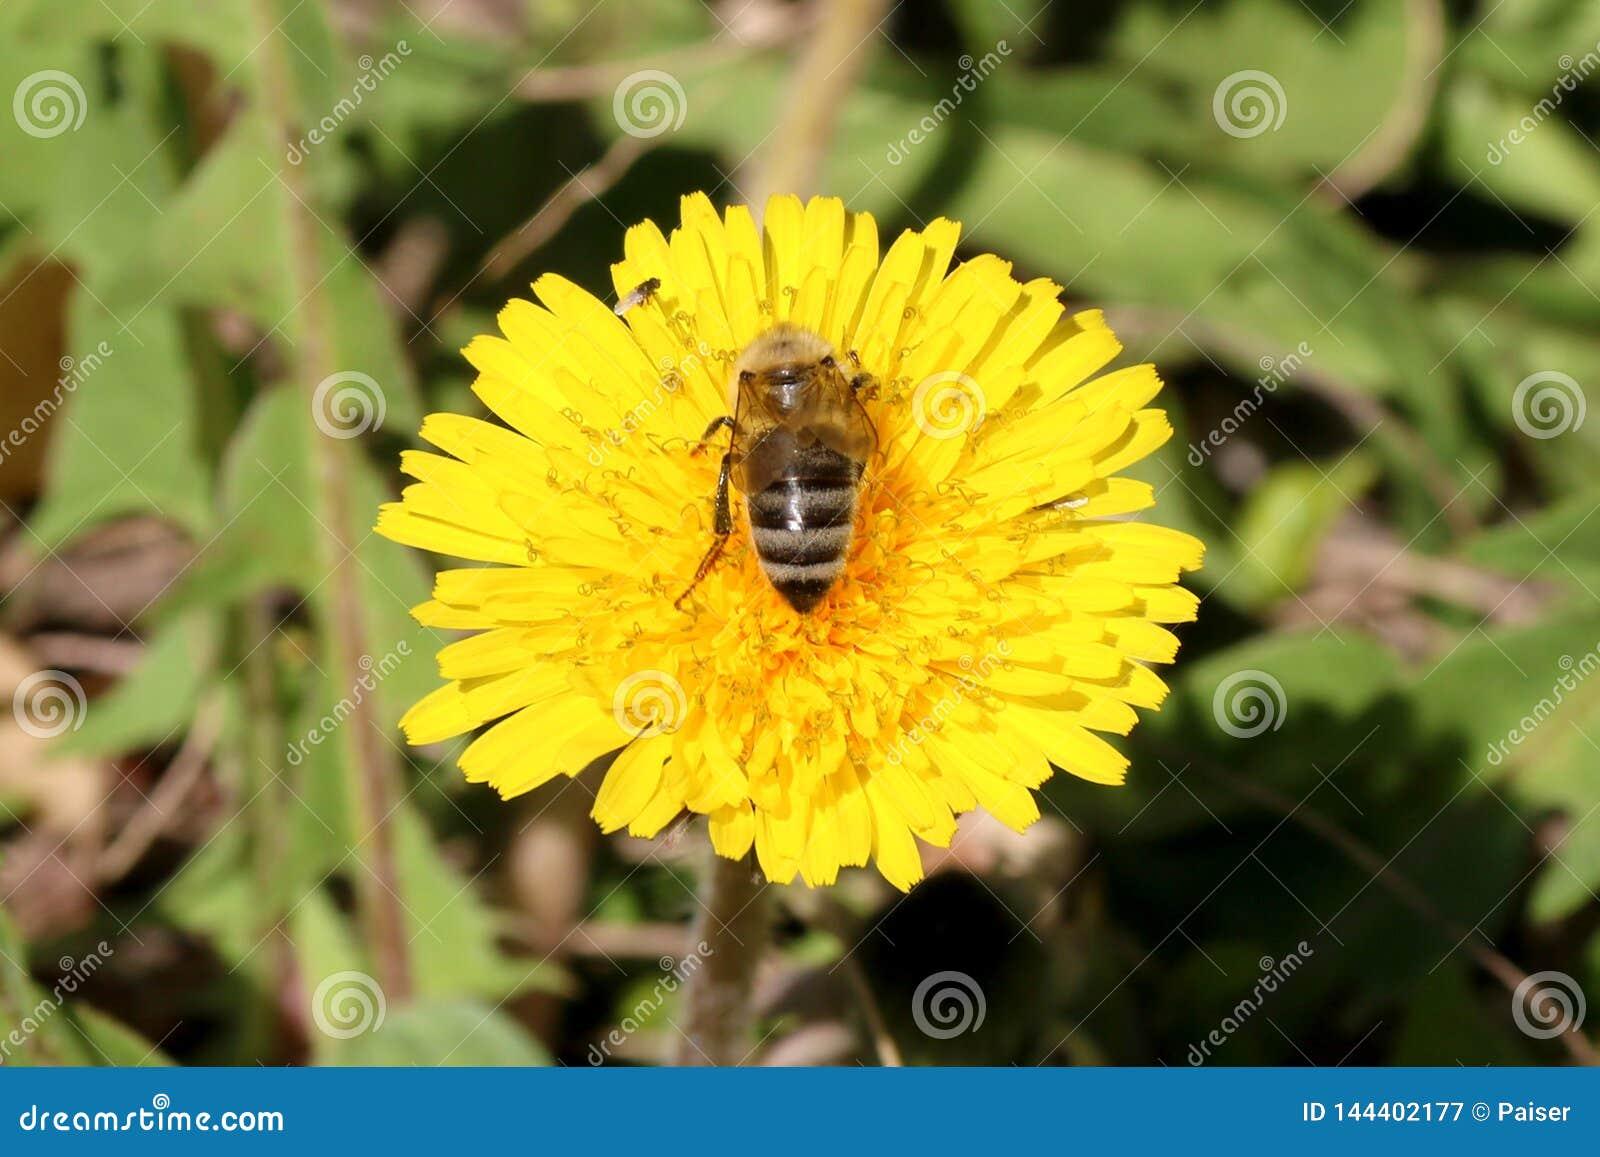 与蜂蜜蜂的黄色花蒲公英蒲公英在草甸 在绿草草甸背景的明亮的花蒲公英